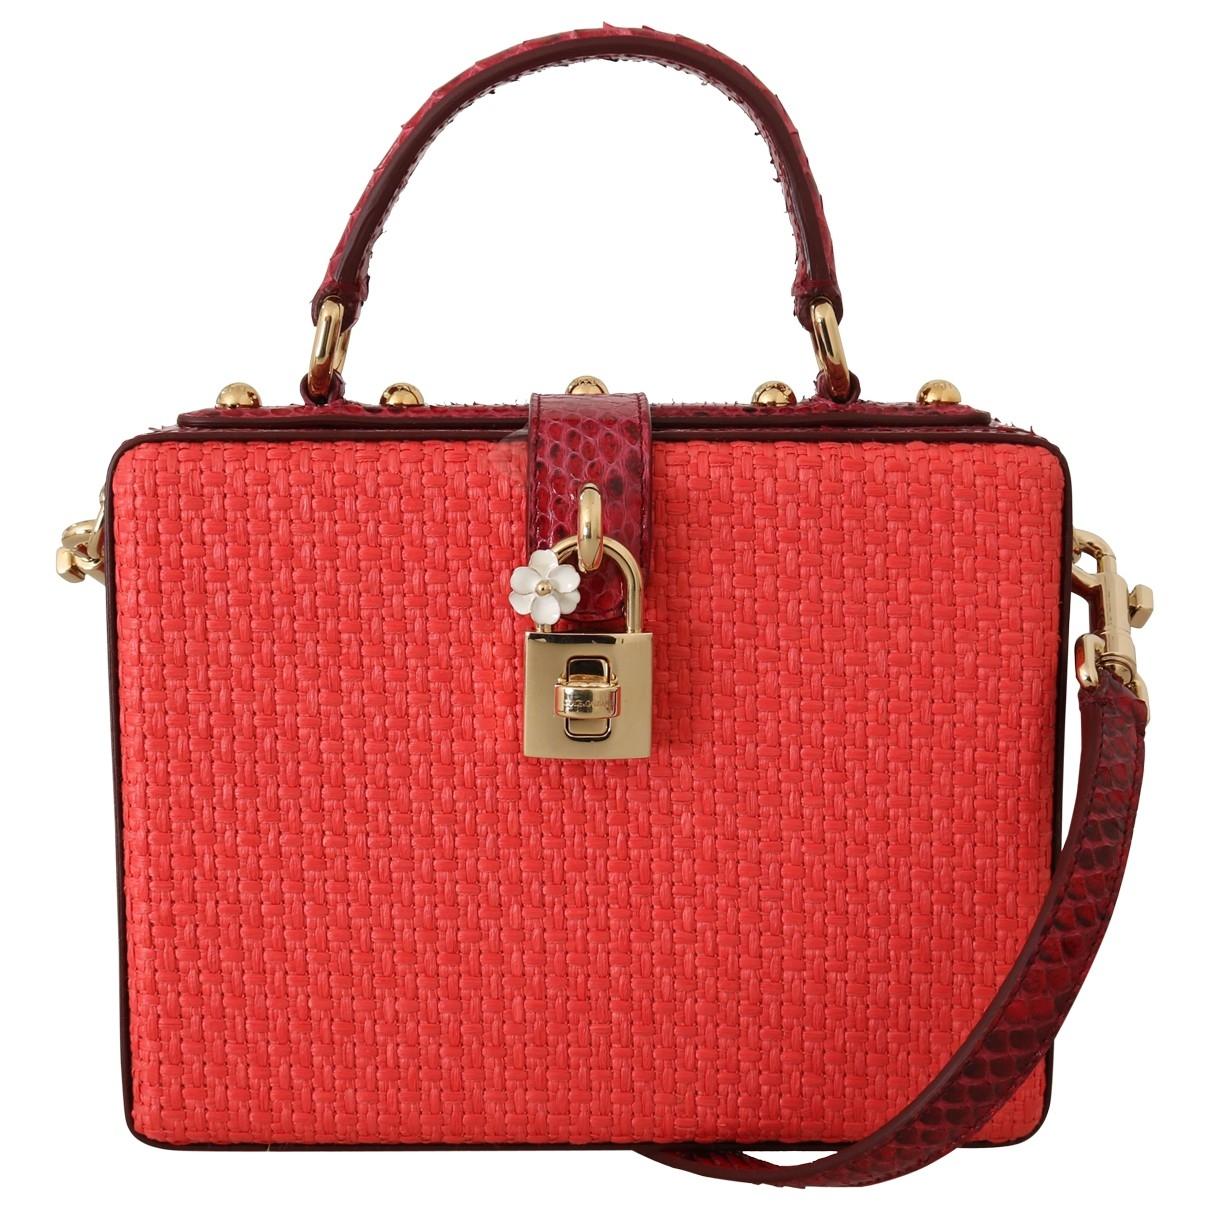 Dolce & Gabbana \N Handtasche in  Rot Stroh